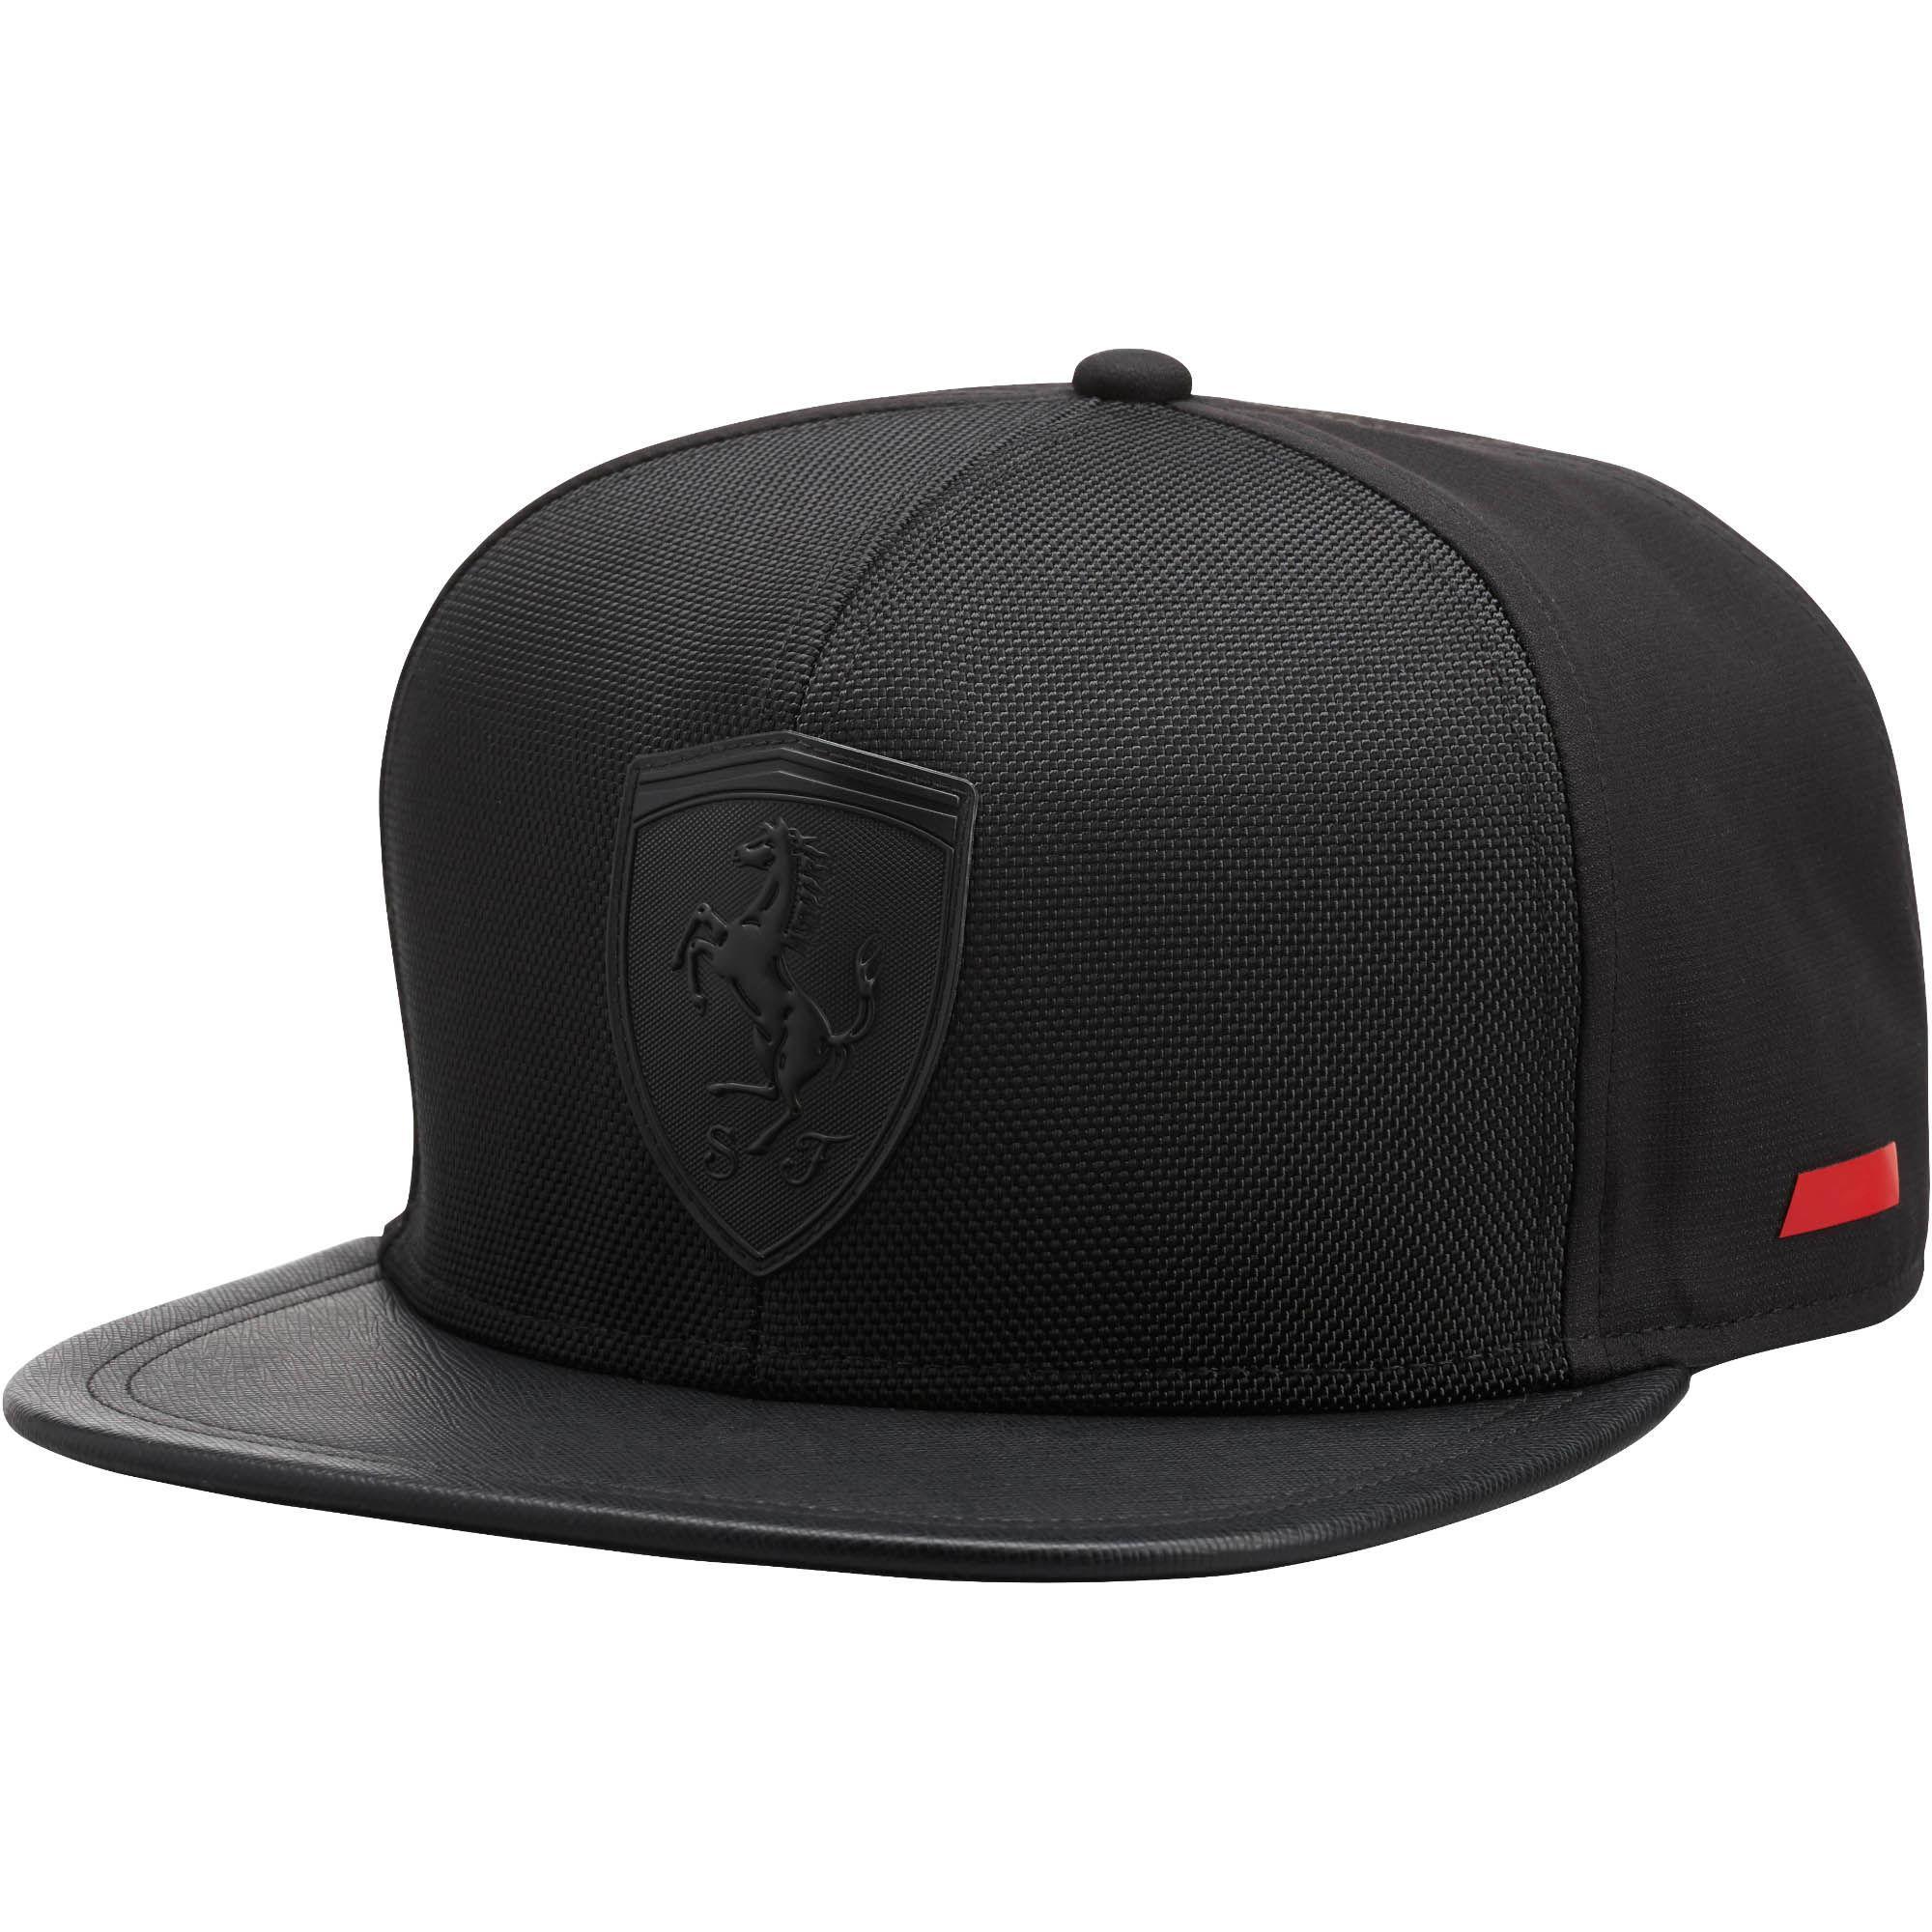 ... uk lyst puma ferrari flat brim hat in black for men 475a9 a341a 72cc22fb6d9